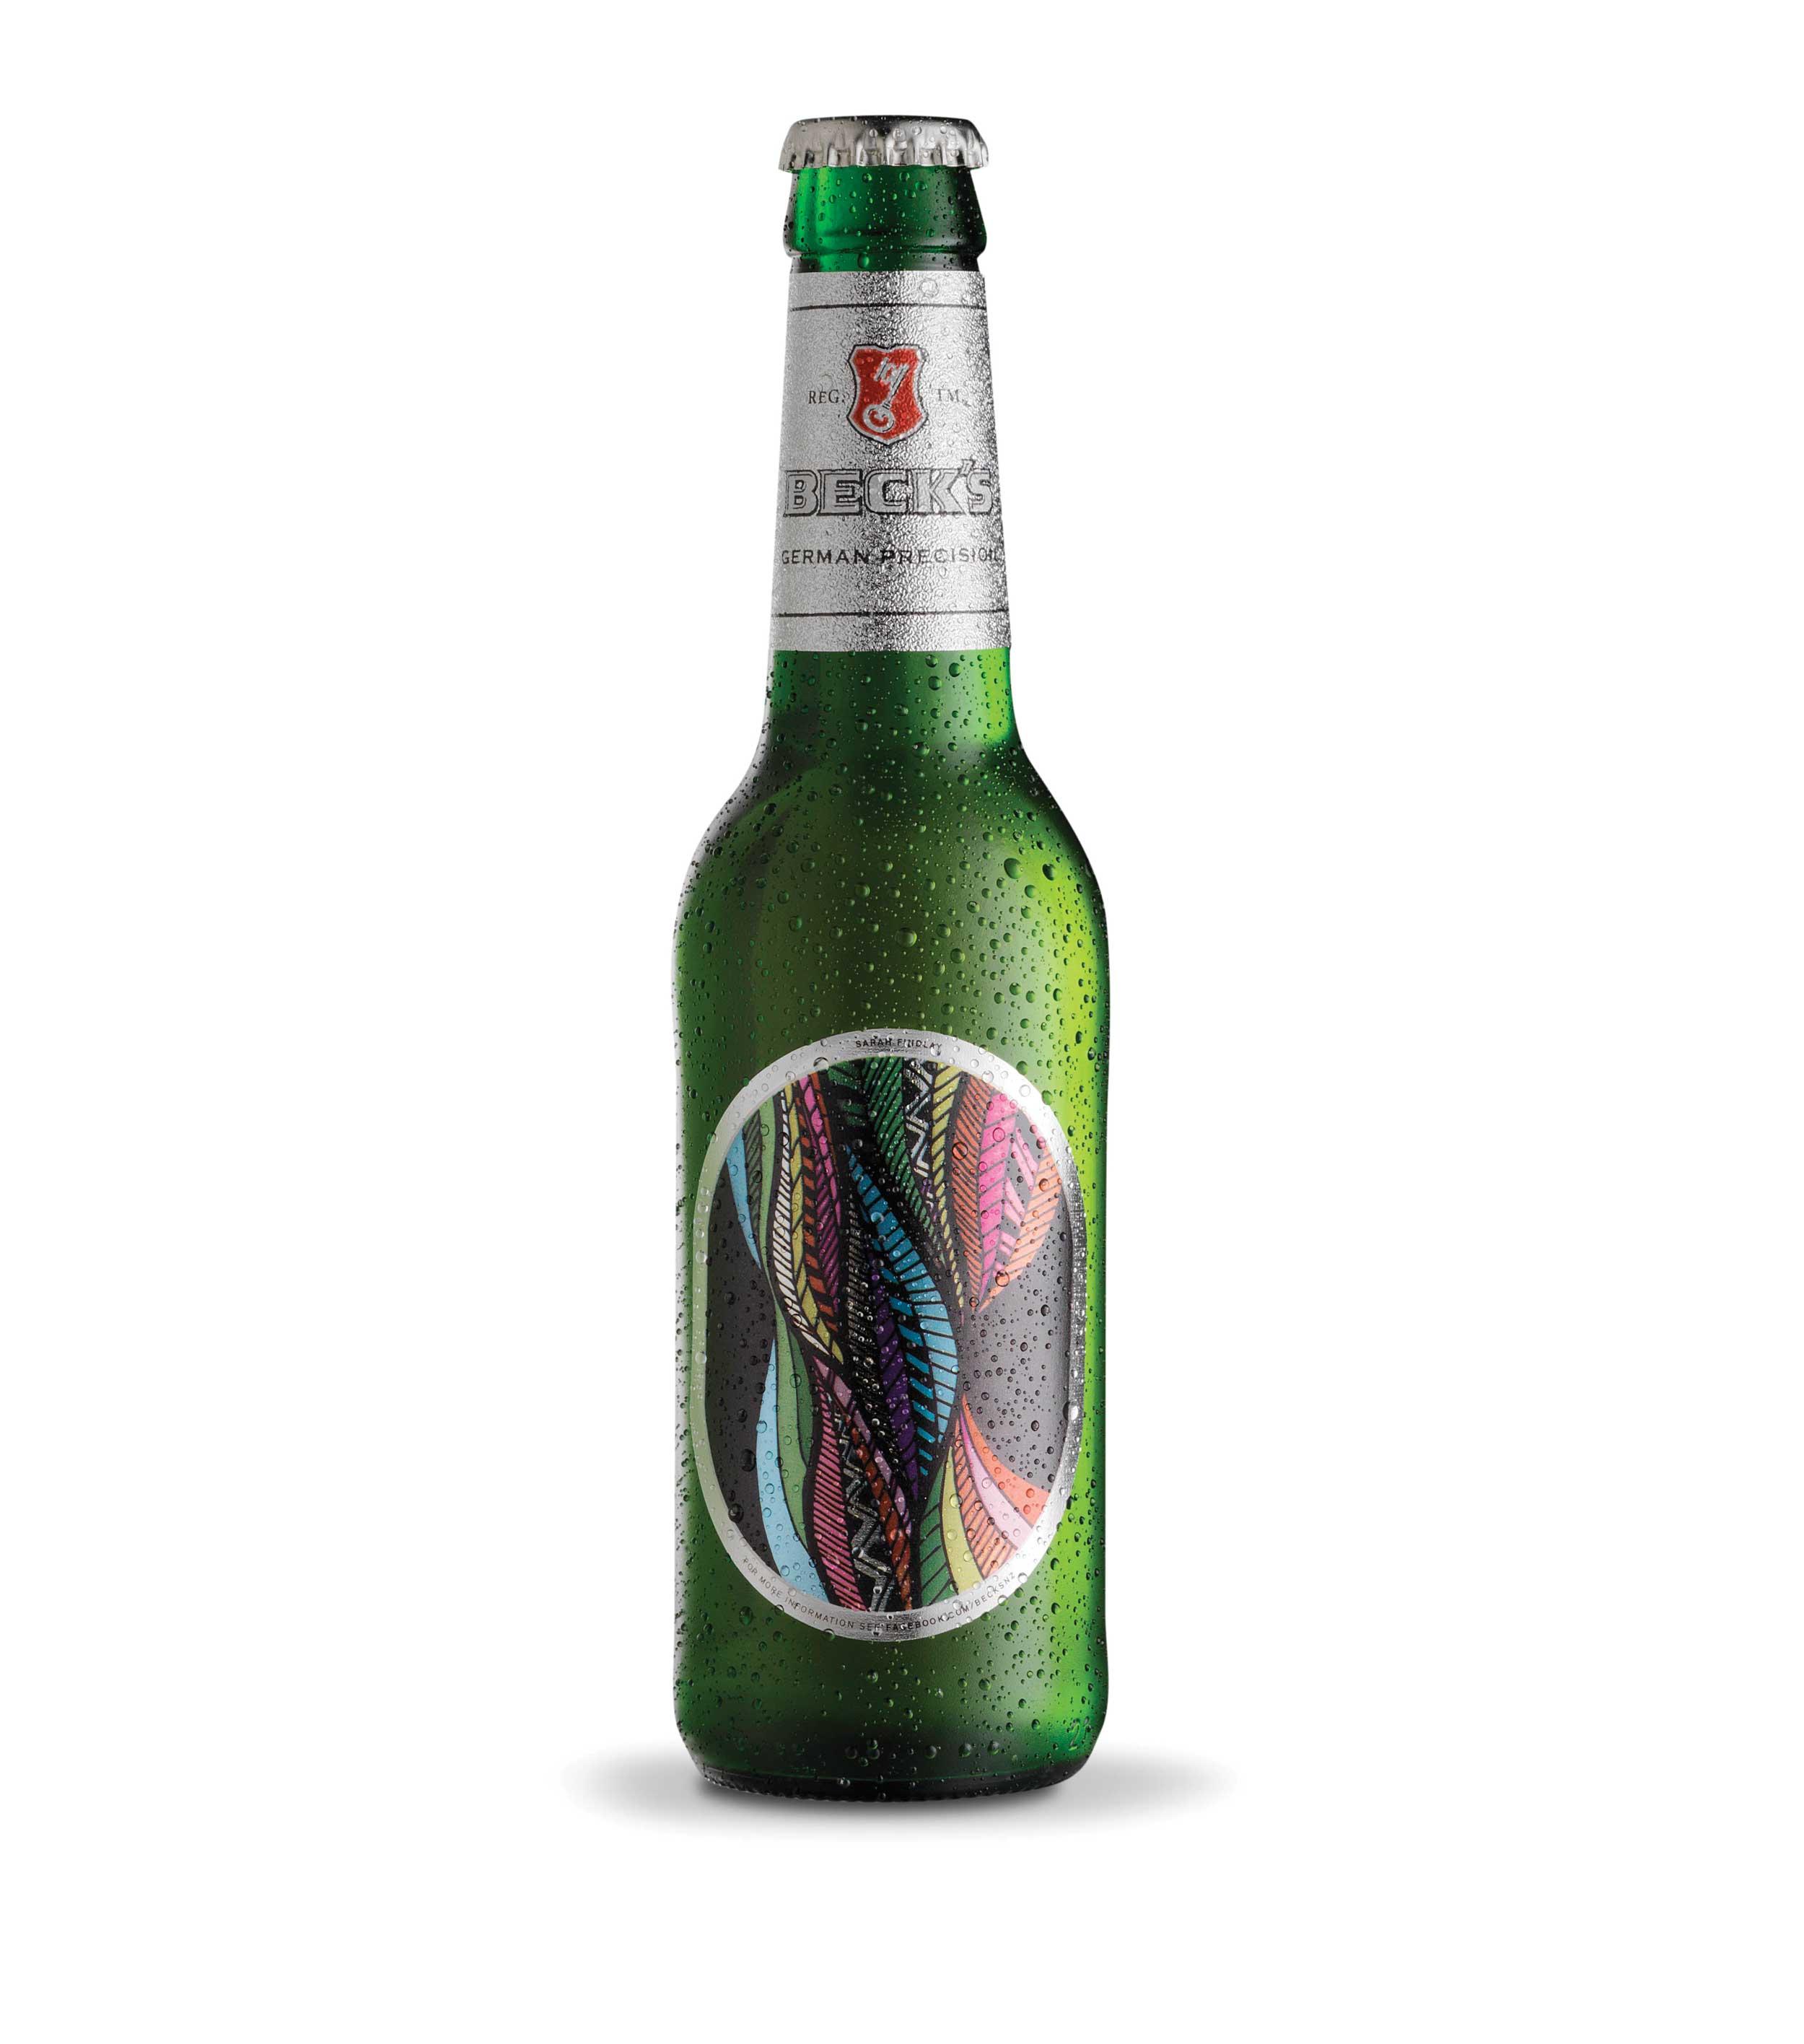 Sarah Findlay Beck's beer label